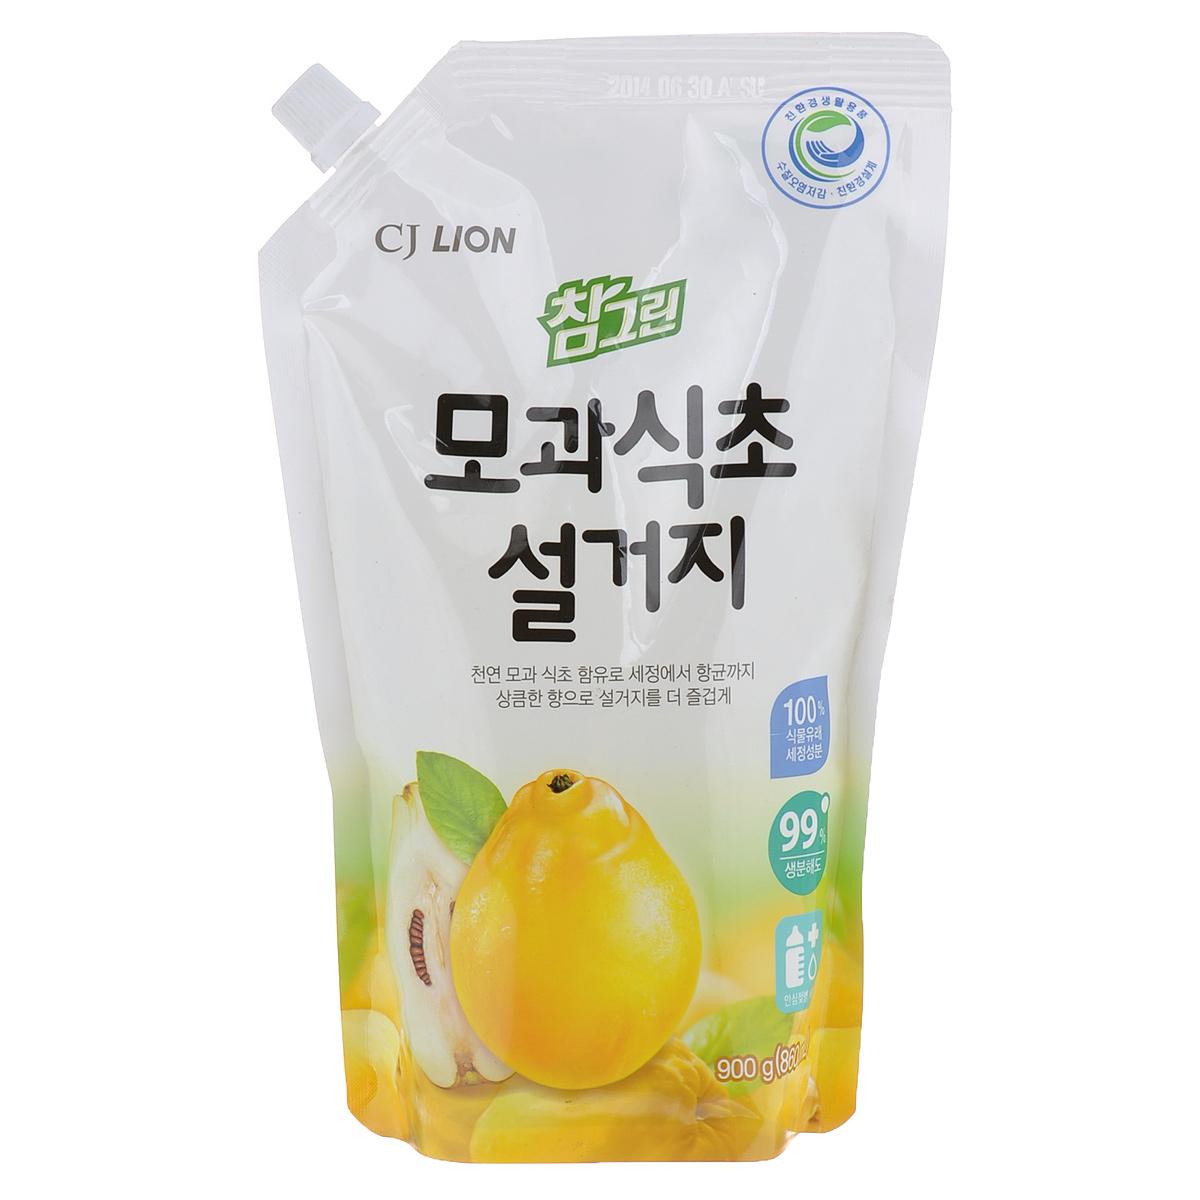 Средство для мытья посуды Cj Lion Chamgreen, айва, 860 мл790009Средство Cj Lion Chamgreen для мытья посуды, овощей и фруктов - это средство премиум класса, в состав которого входят природный экстракт айвы и моющие компоненты 100% растительного происхождения.Ключевые преимущества: - Удаление микробов на 99,9% - поэтому идеально подходит даже для мытья детских бутылочек;- Безопасность полного ополаскивания за 5 секунд - удаляются остатки компонентов, разрушающих жиры и чистящего средства;- Увлажнение и защита кожи рук - благодаря 100% растительному моющему составу и добавкам растительного происхождения для защиты кожи рук;- Идеально для мытья посуды, кухонной утвари, а также овощей и фруктов.Состав: ПАВ 21% (высшие спирты на растительной основе, высшие амины на растительной основе, растительный состав неионогенный и др.), эссенция айвы, средство для защиты рук и другие компоненты 79%.Товар сертифицирован.